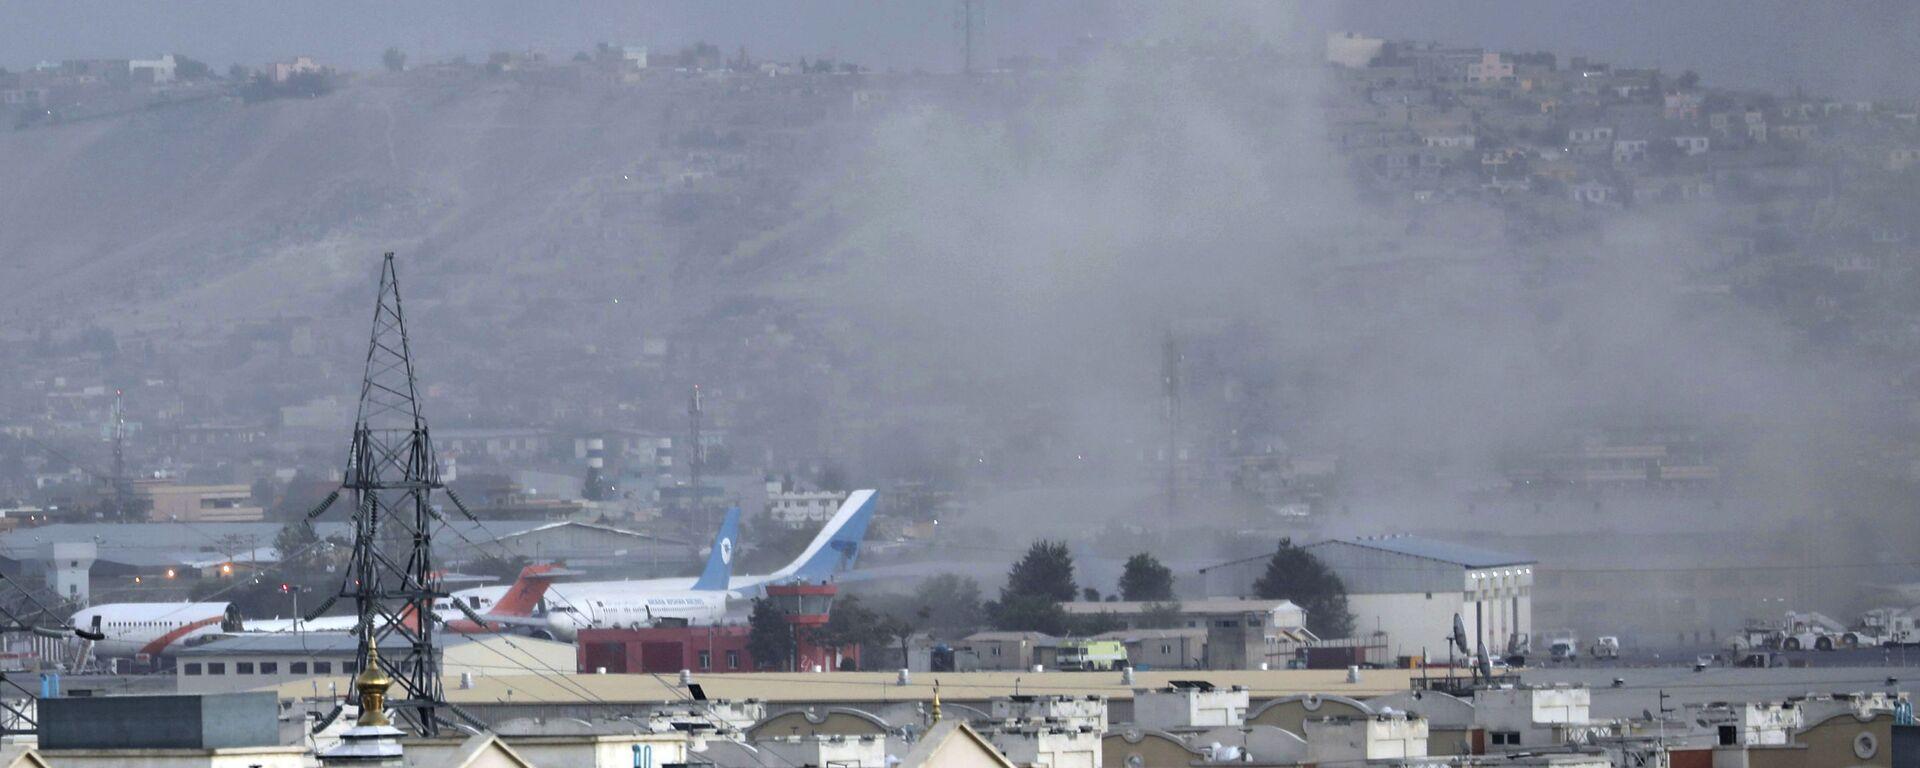 Дым от взрыва возле аэропорта в Кабуле, Афганистан - Sputnik Тоҷикистон, 1920, 10.10.2021